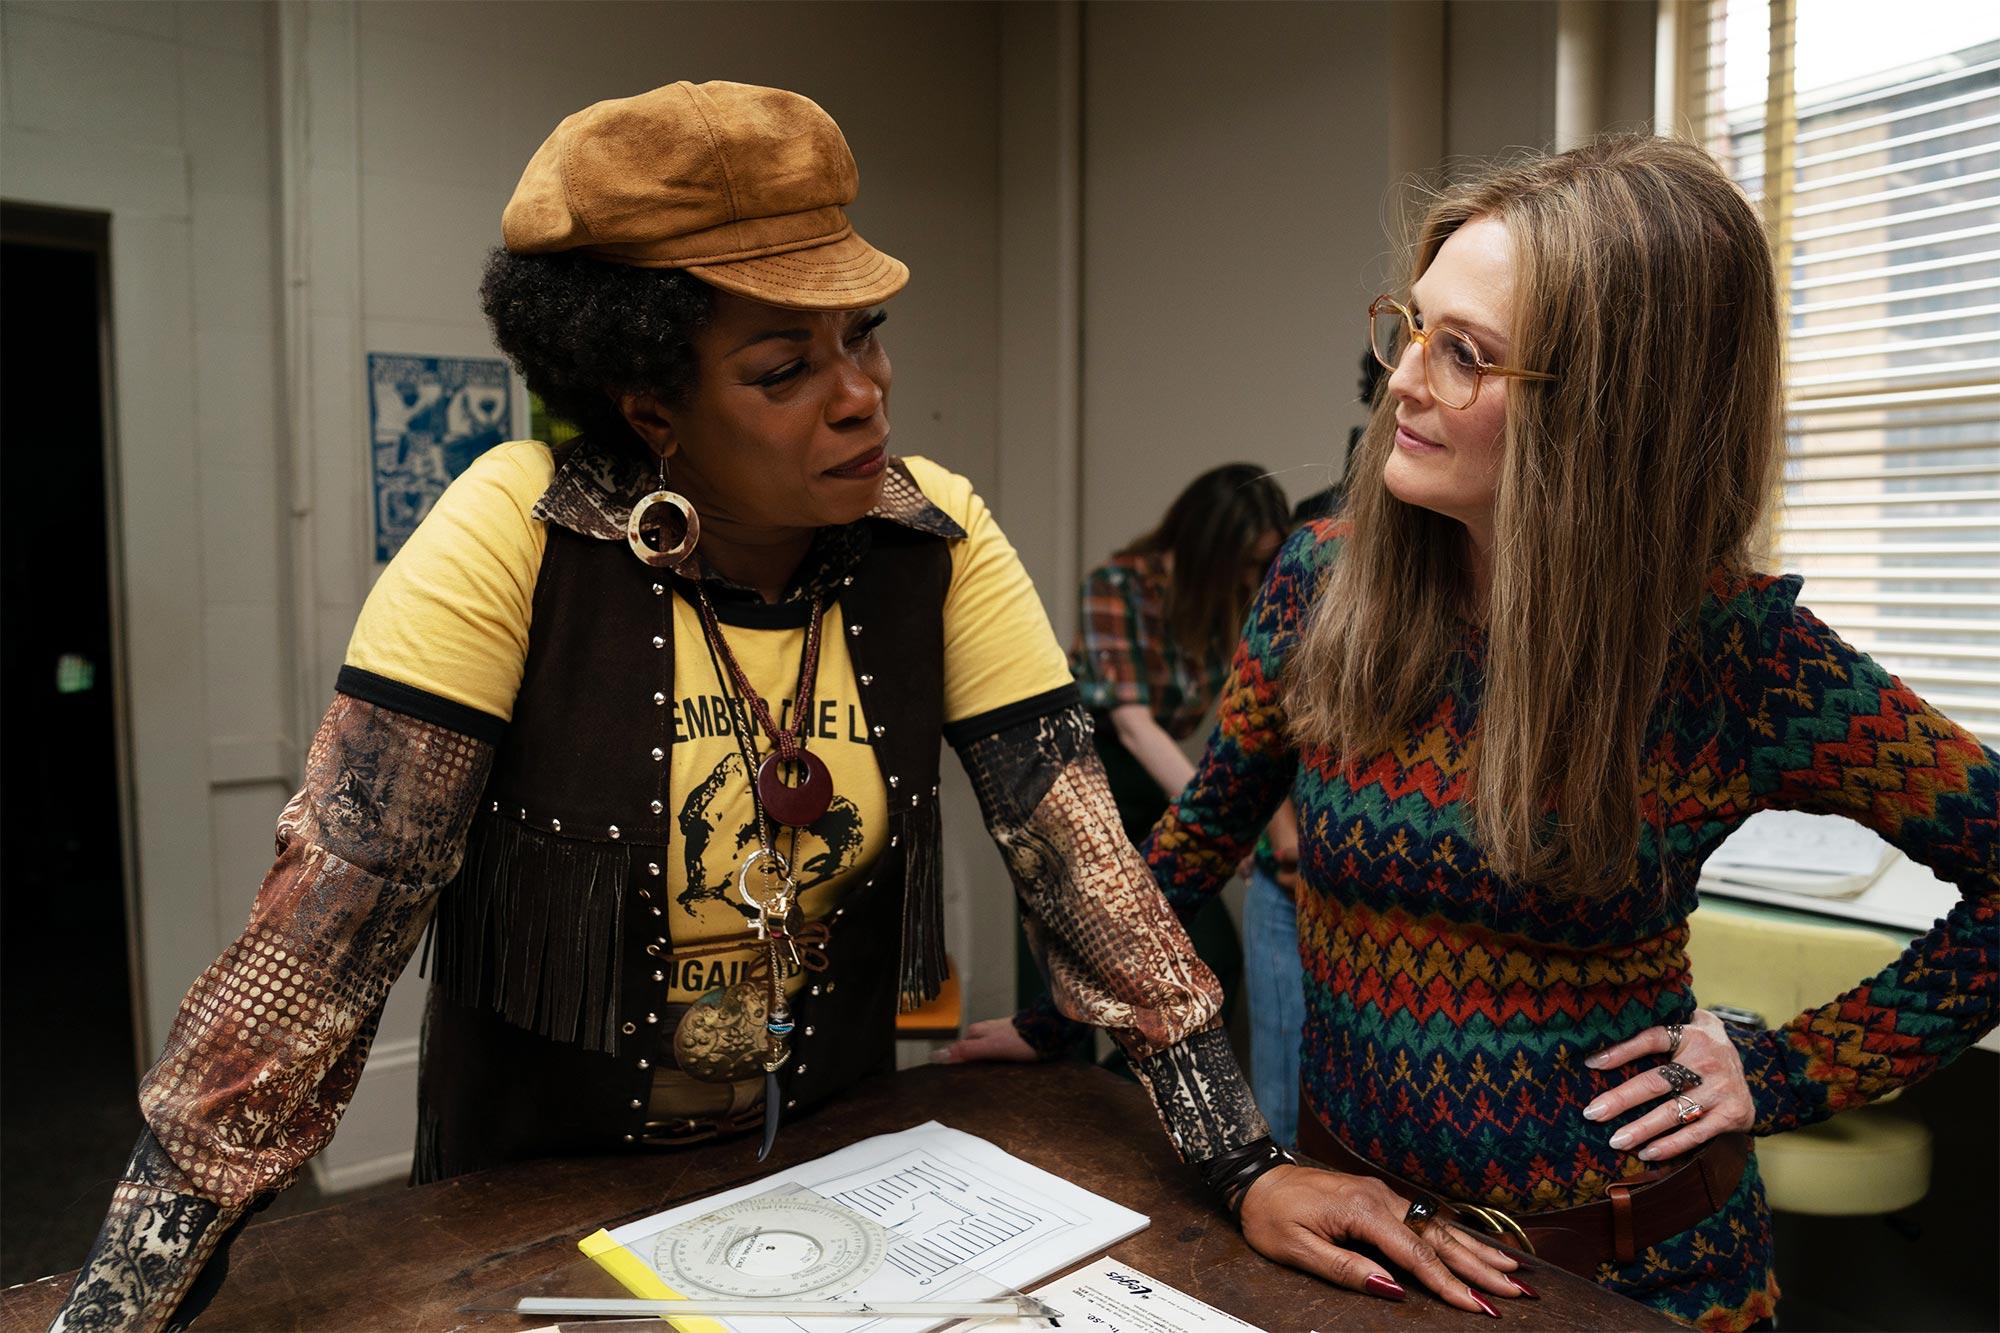 A ativista Flo Kennedy (Lorraine Toussaint) ao lado de Gloria Steinem (Julianne Moore), em cena do filme The Glorias.